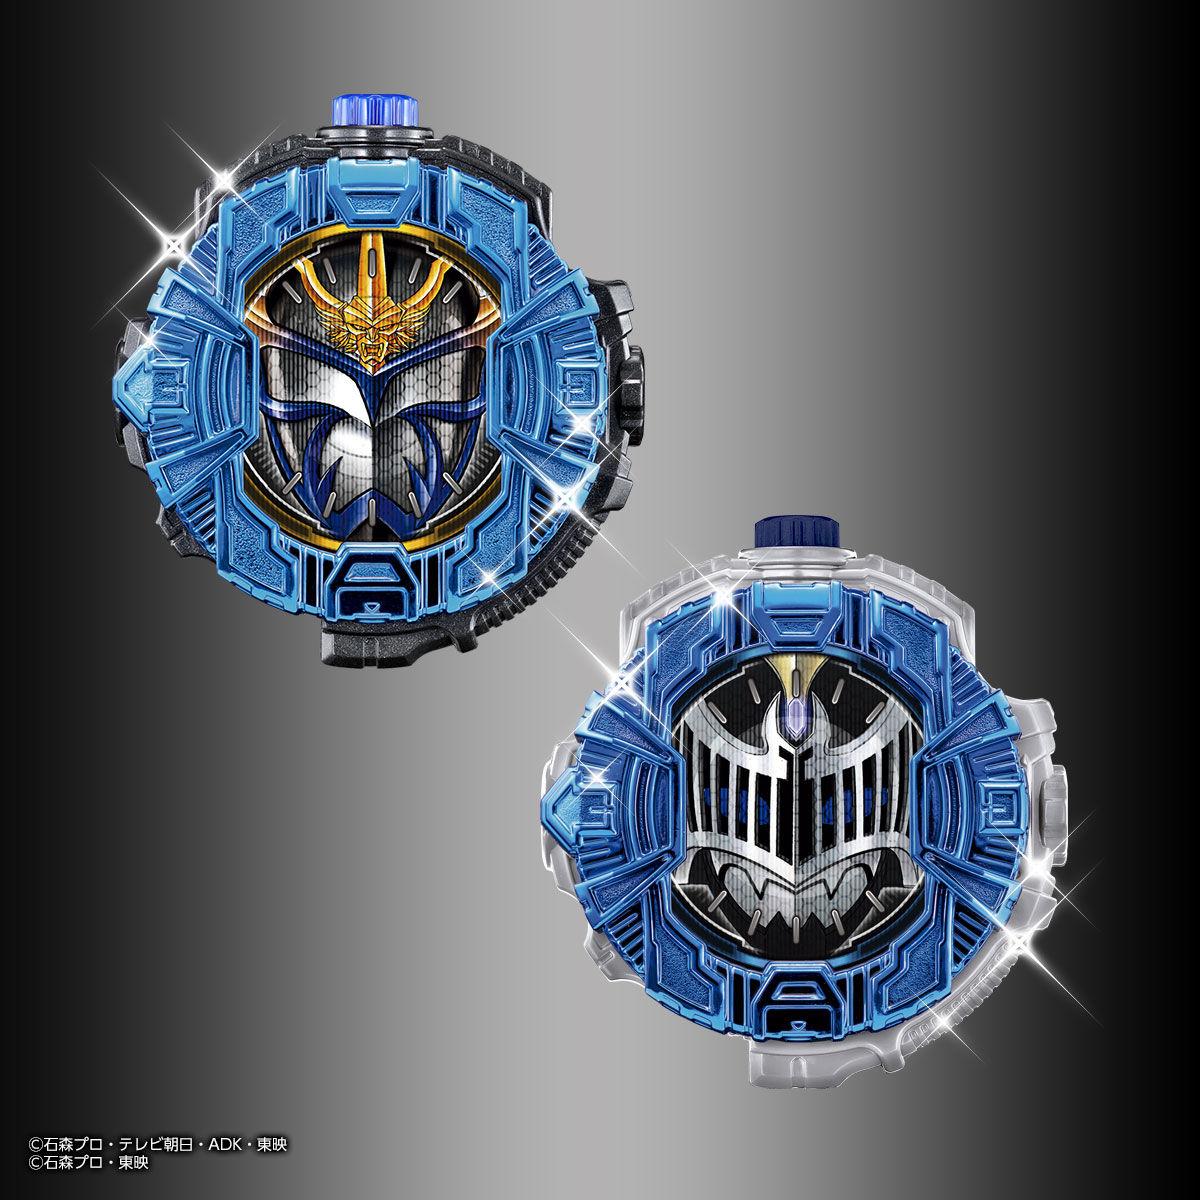 仮面ライダージオウ サウンドライドウォッチシリーズ『GPライドウォッチPB01』ガシャポン-005